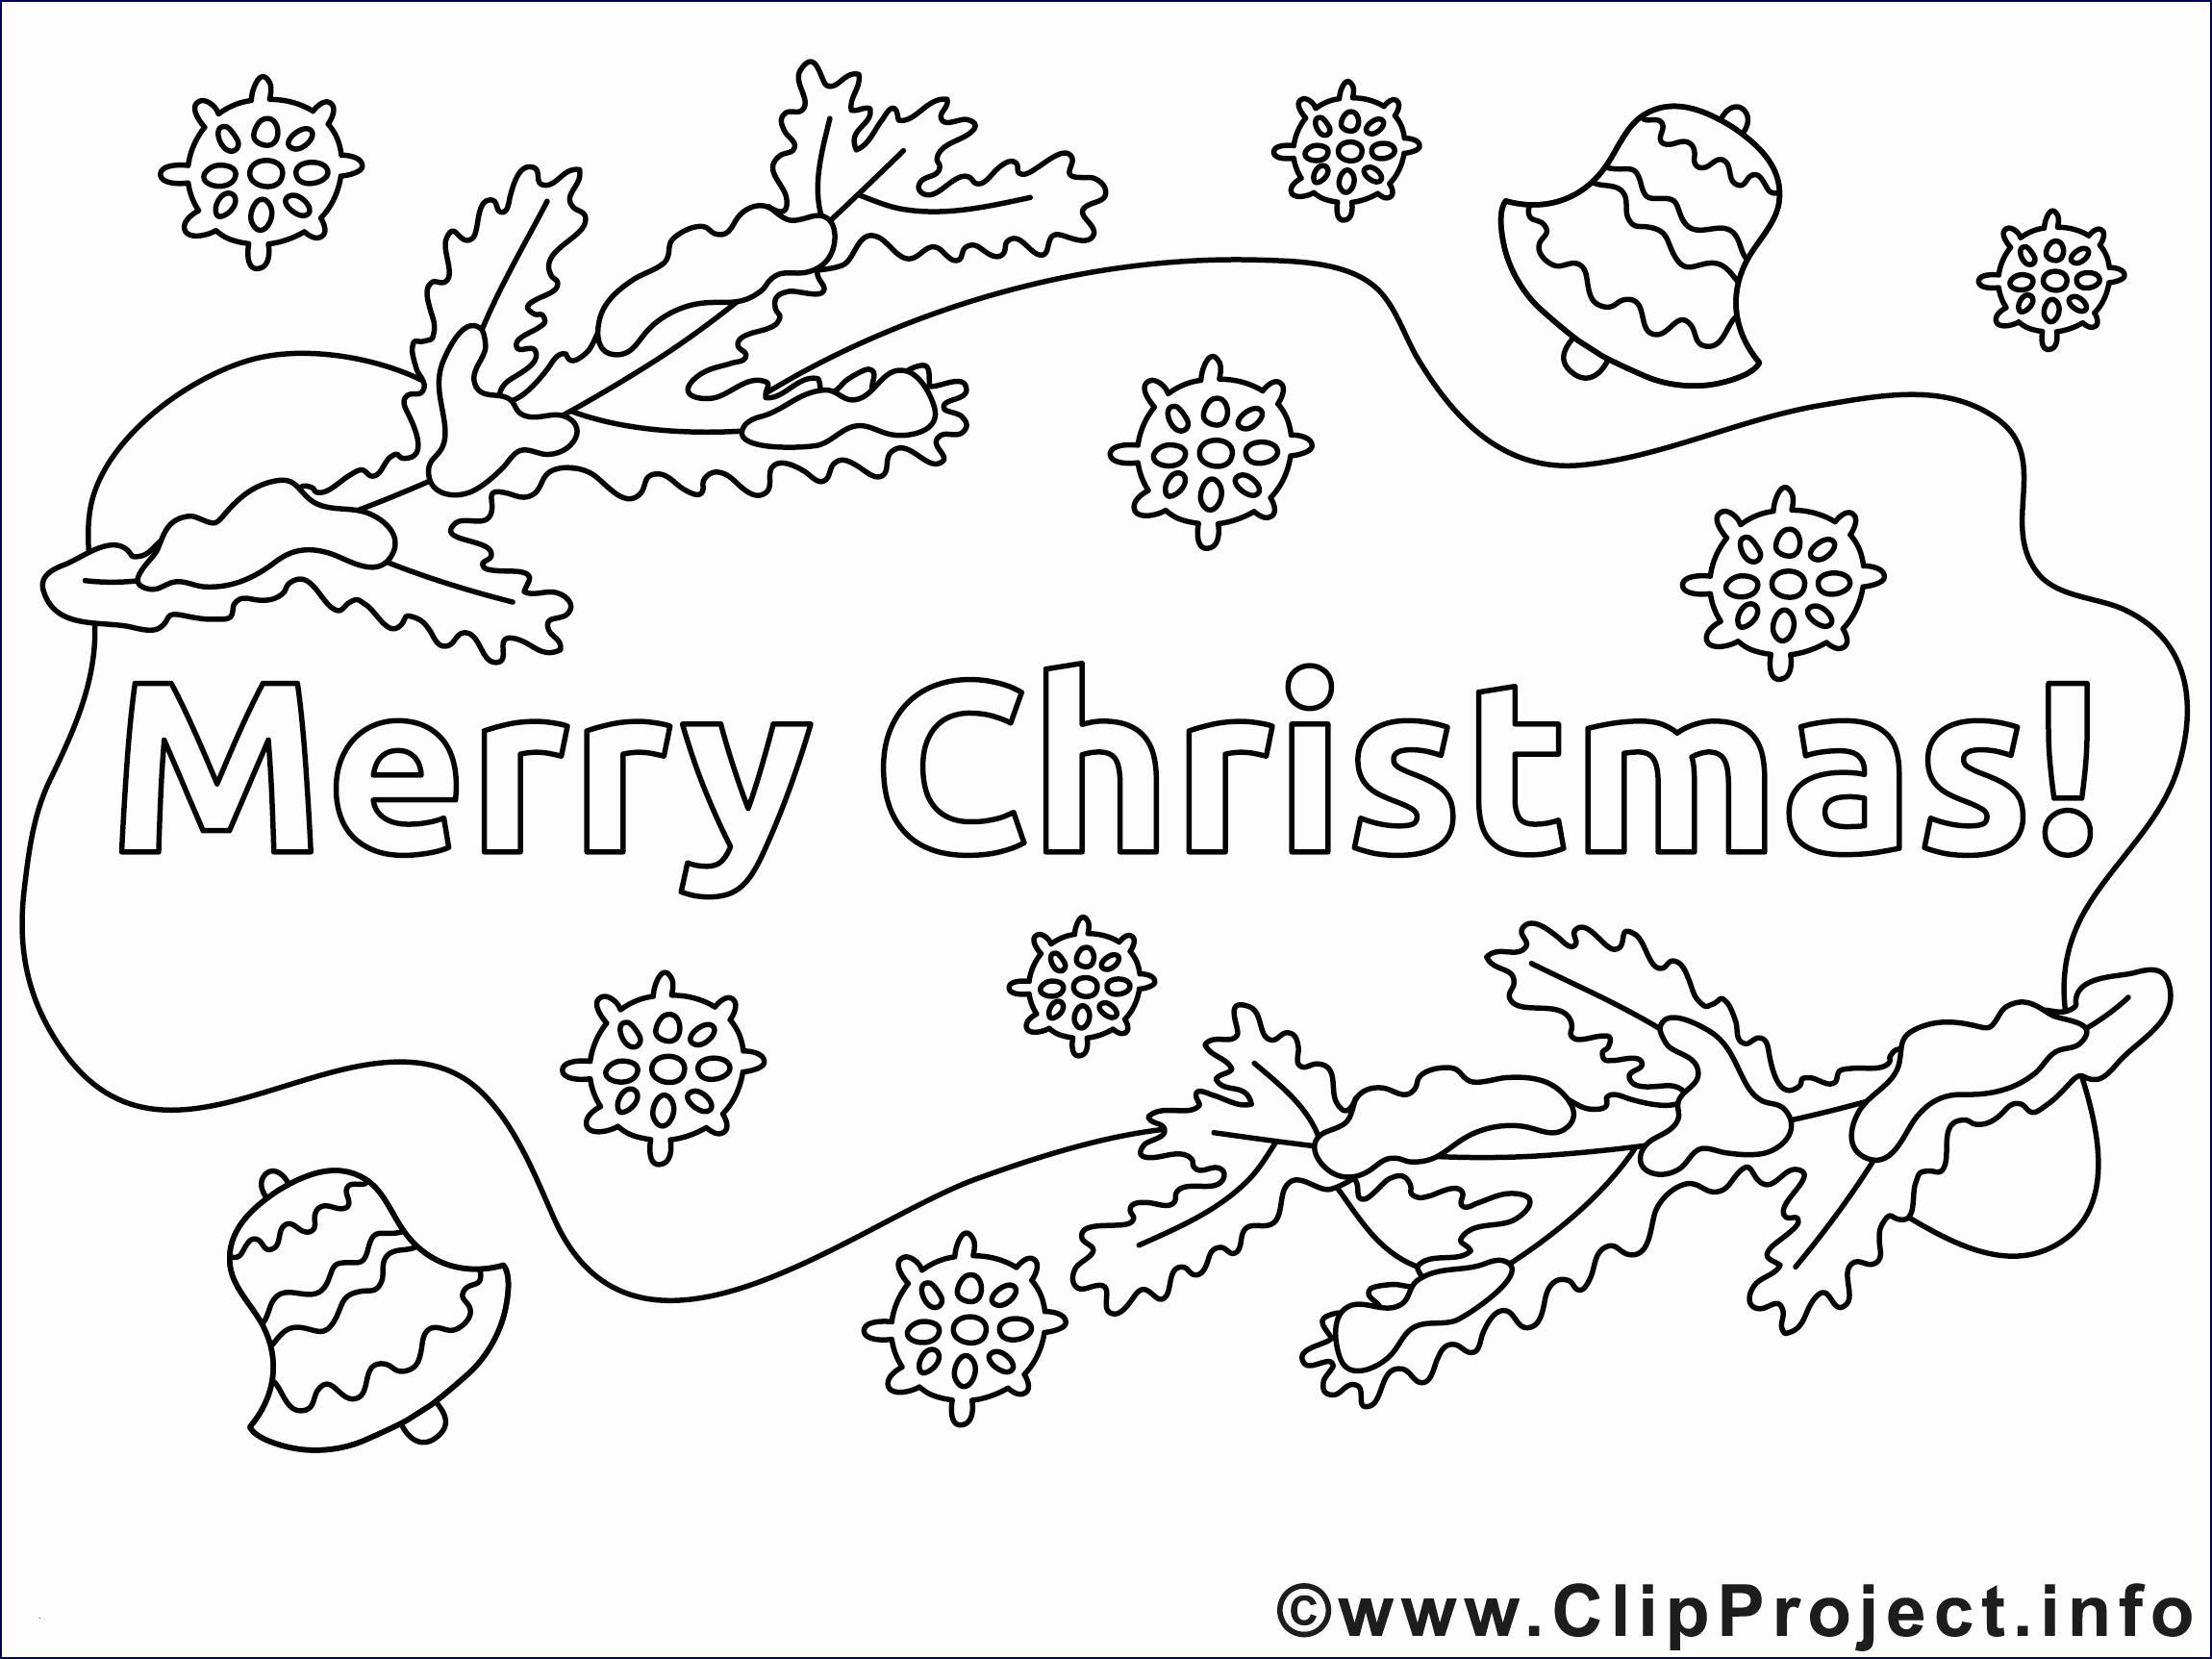 Malvorlagen Weihnachten Tannenbaum Einzigartig Malvorlagen Tannenbaum Ausdrucken Luxus Weihnachtsbaum Mit Fotografieren